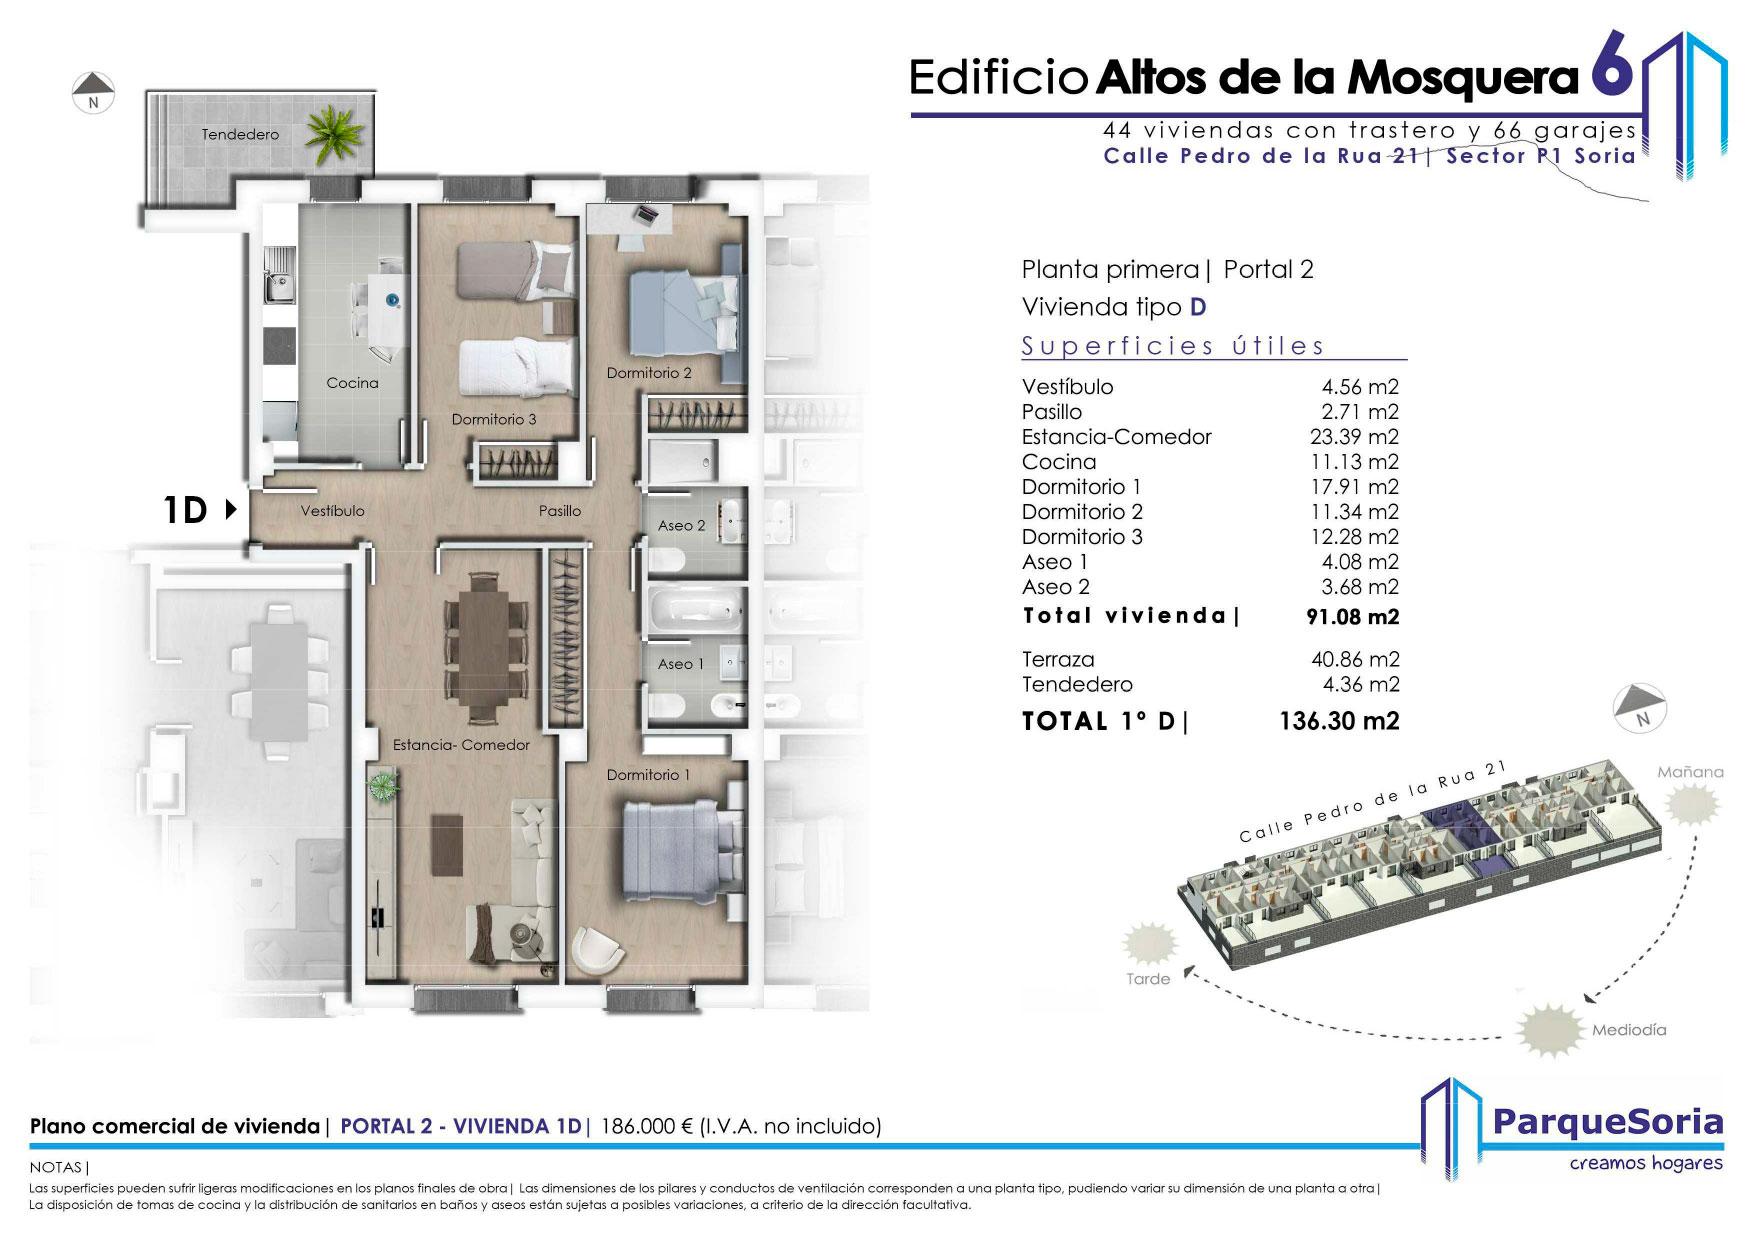 Parquesoria-Altos-de-la-mosquera-6-1D-1